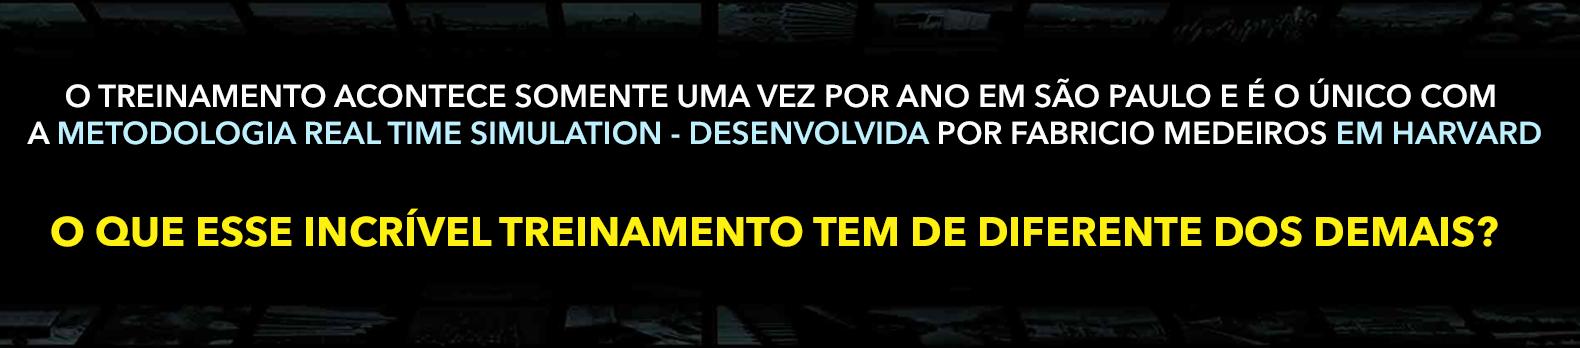 O-QUE-ESSE-INCRÍVEL-TREINAMENTO-TEM-DE-DIFERENTE-DOS-DEMAIS.png